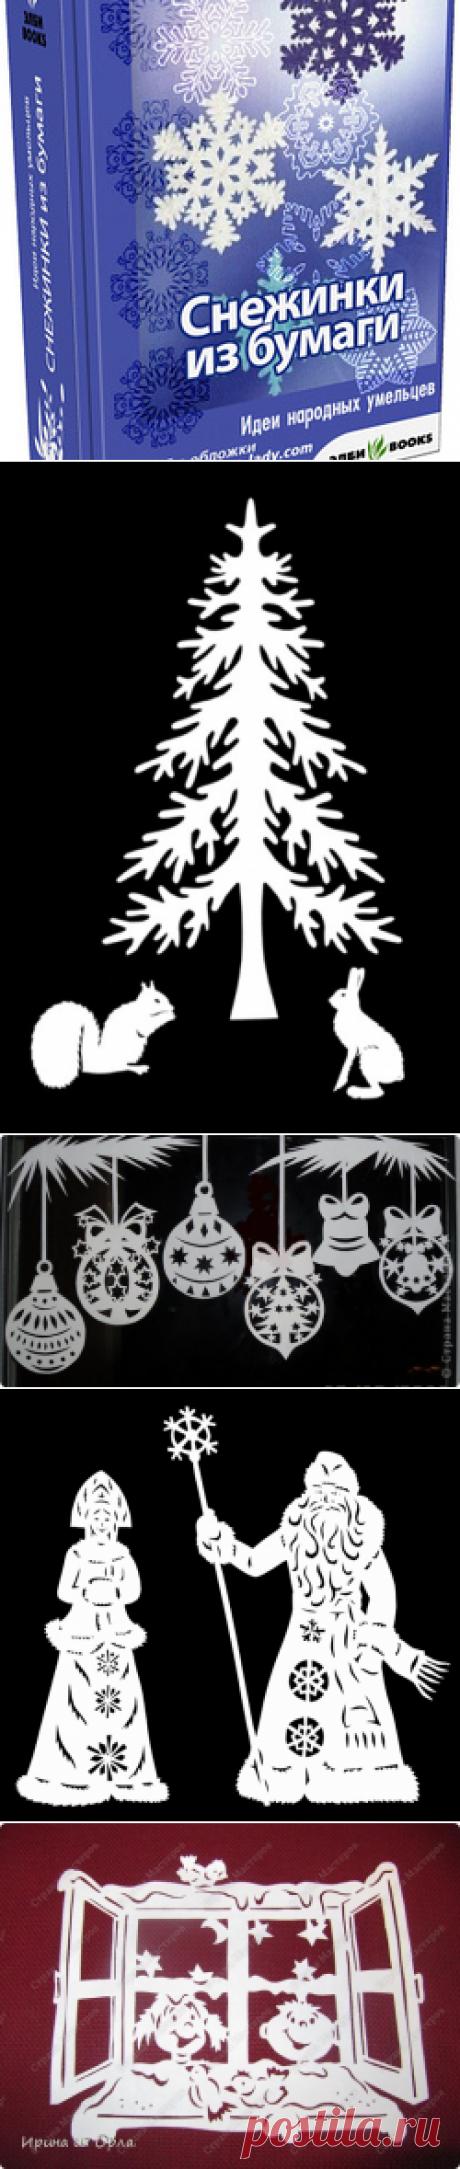 Украшаем окна на Новый год | Записи в рубрике Украшаем окна на Новый год | Дневник Оксана_Коновцева